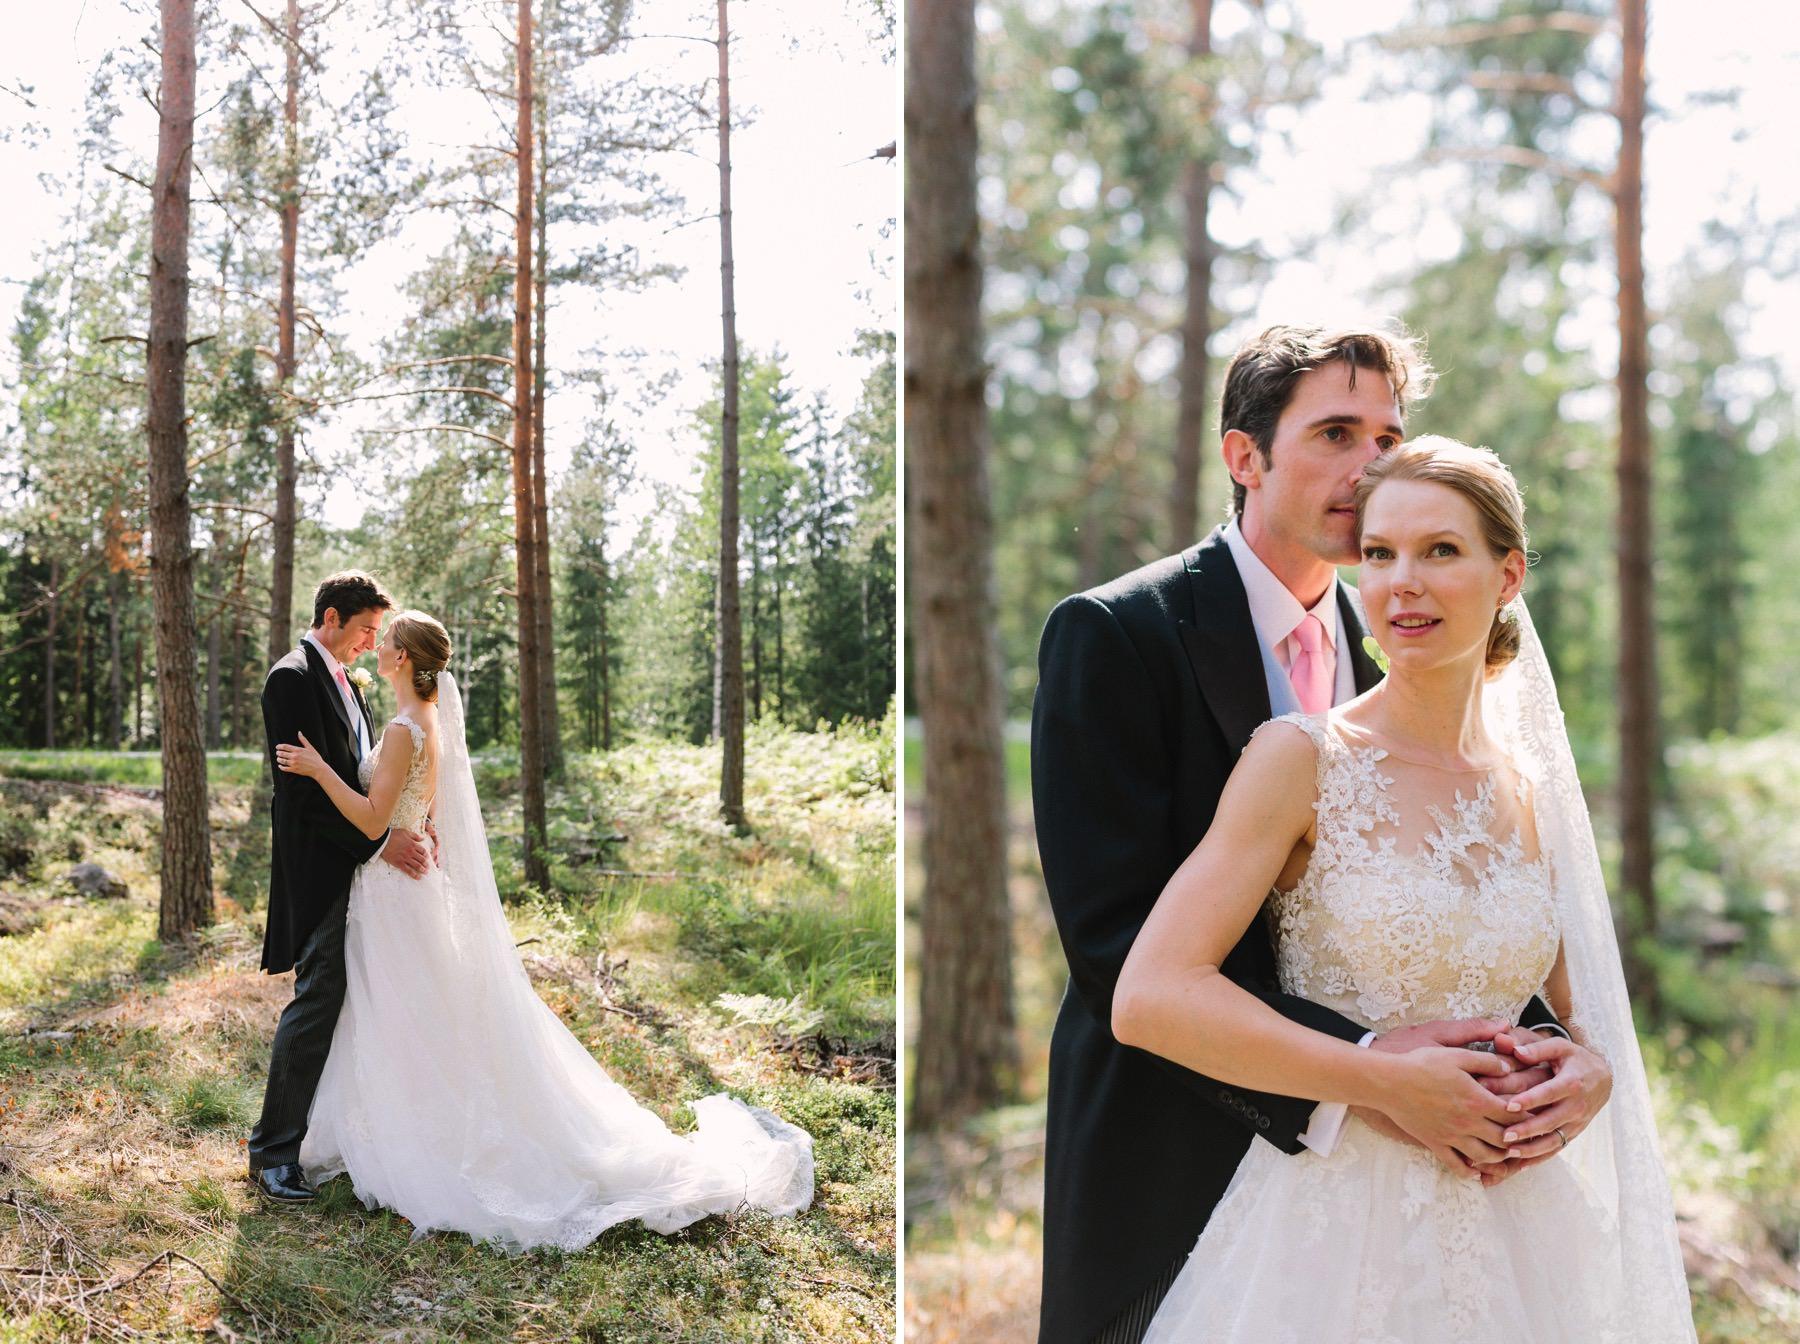 Calliola bröllop